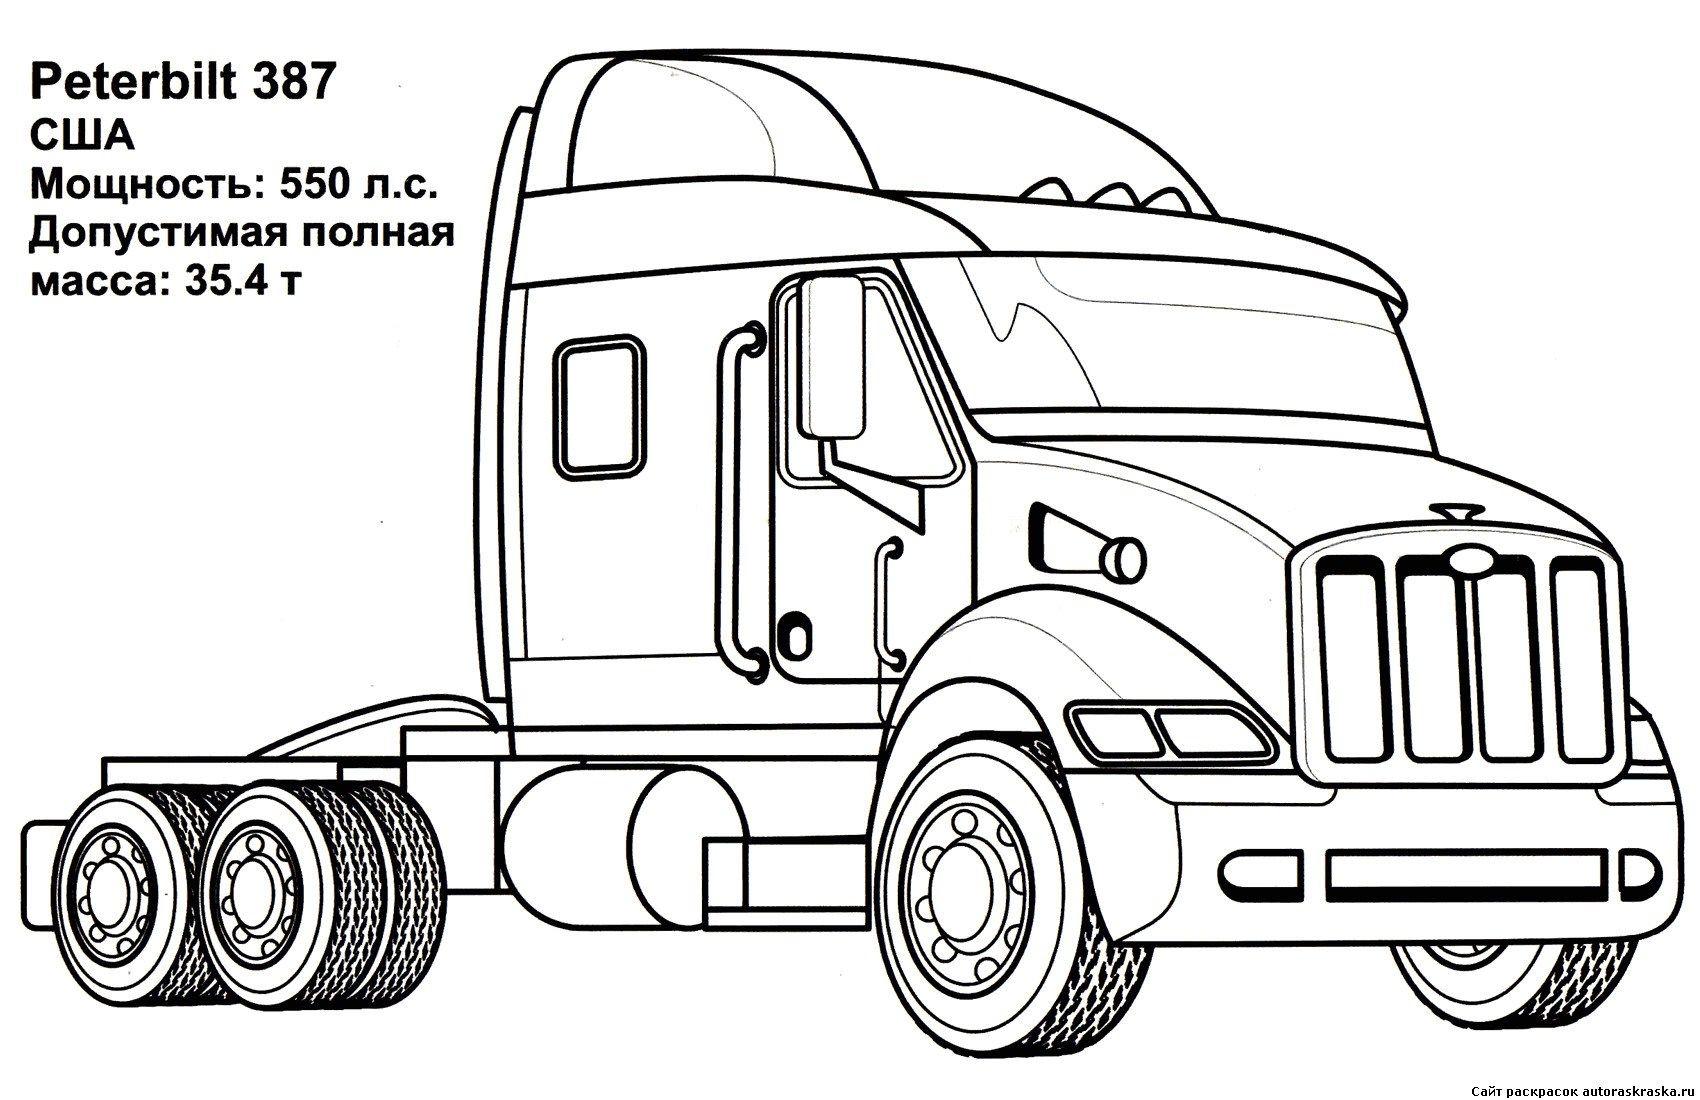 Semi Truck Coloring Pages Semi Truck Coloring Pages Unique